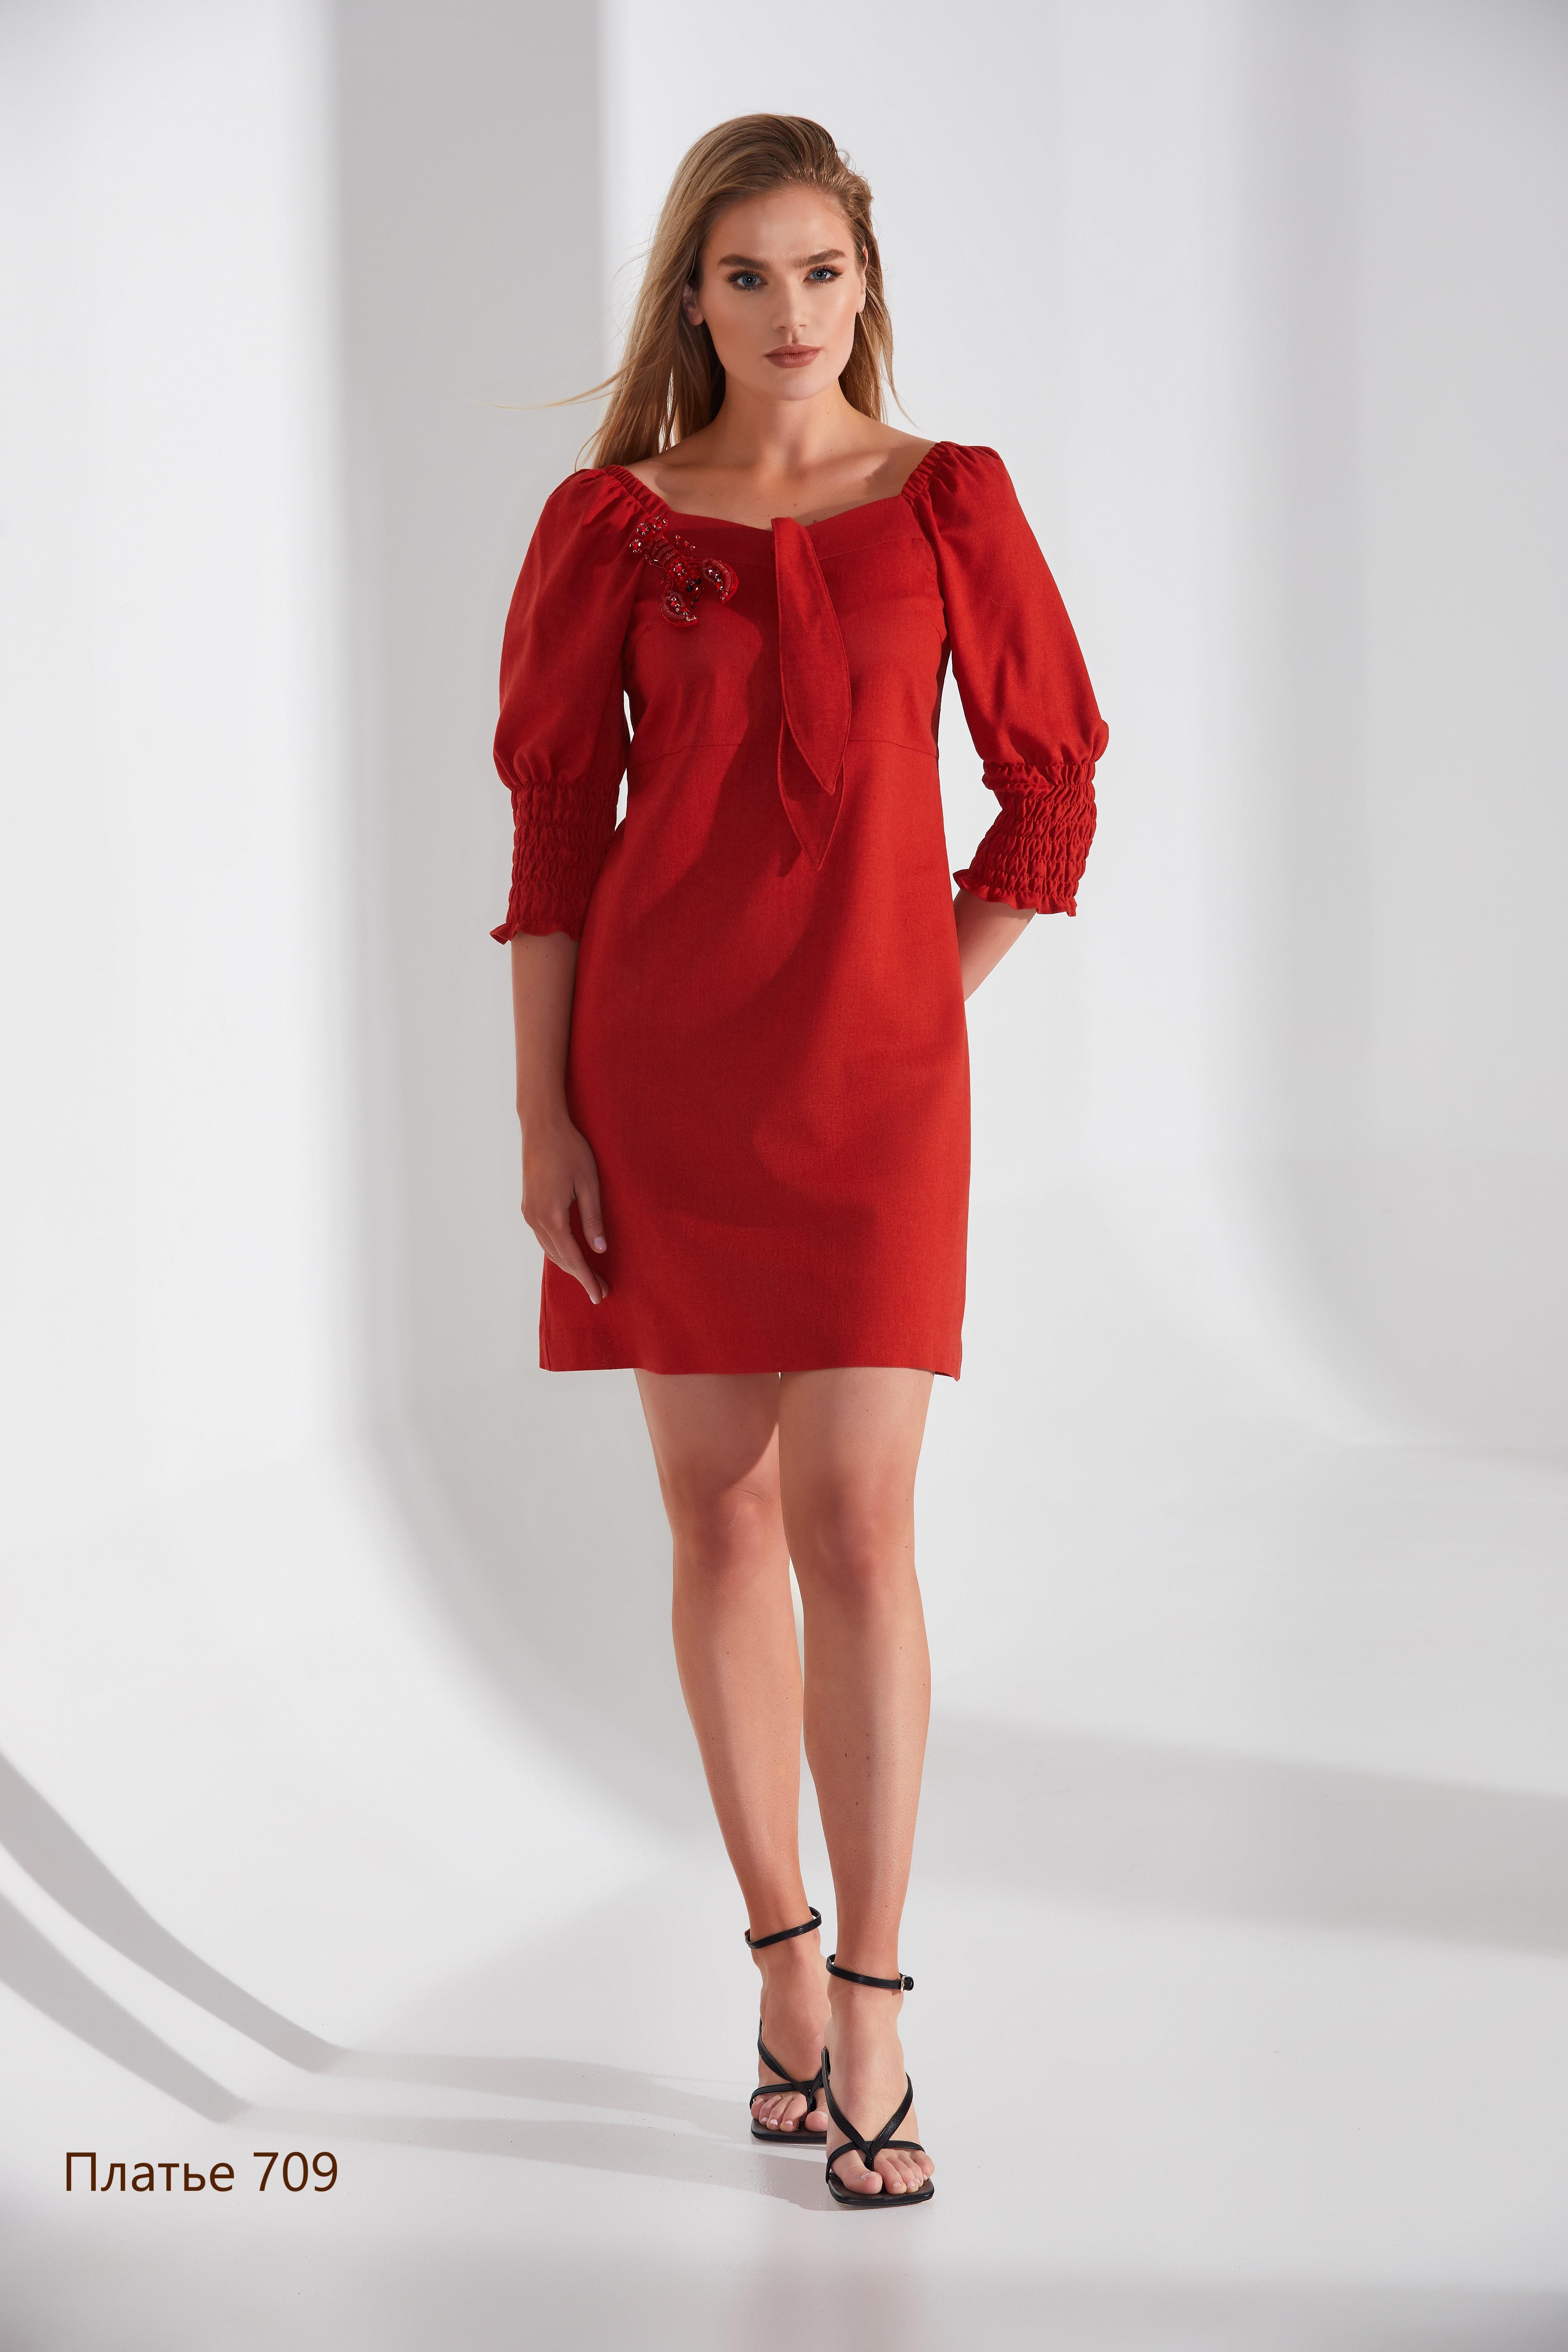 Платье 709 (3)